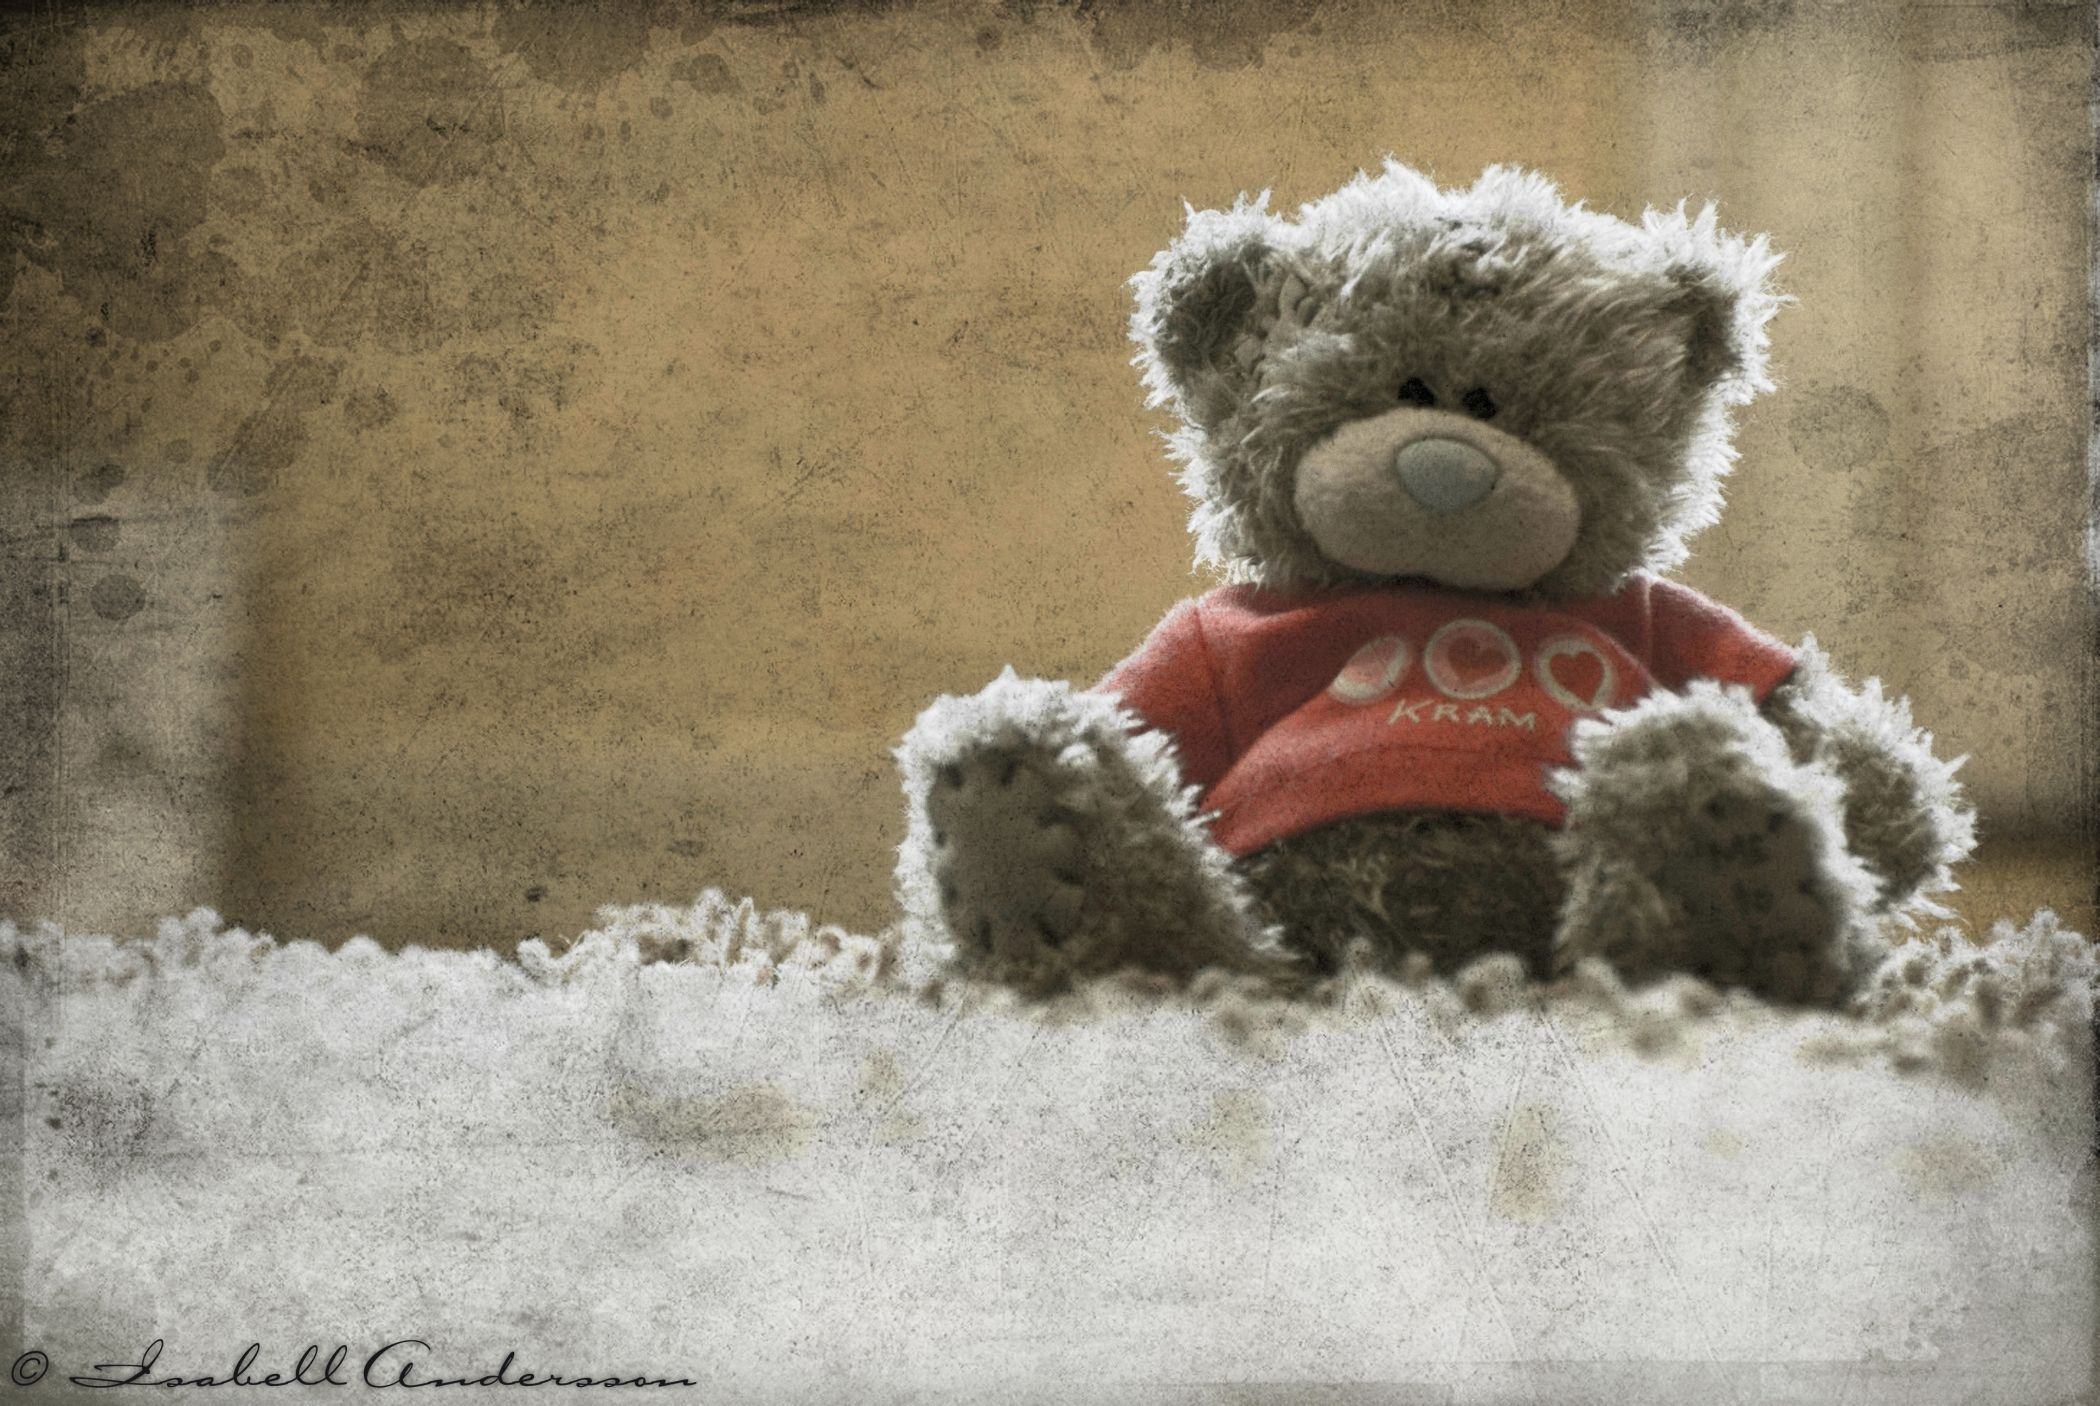 Simple Wallpaper Mobile Teddy Bear - 3acf687ad9ca74363efea77ee0197021  Gallery_526039.jpg